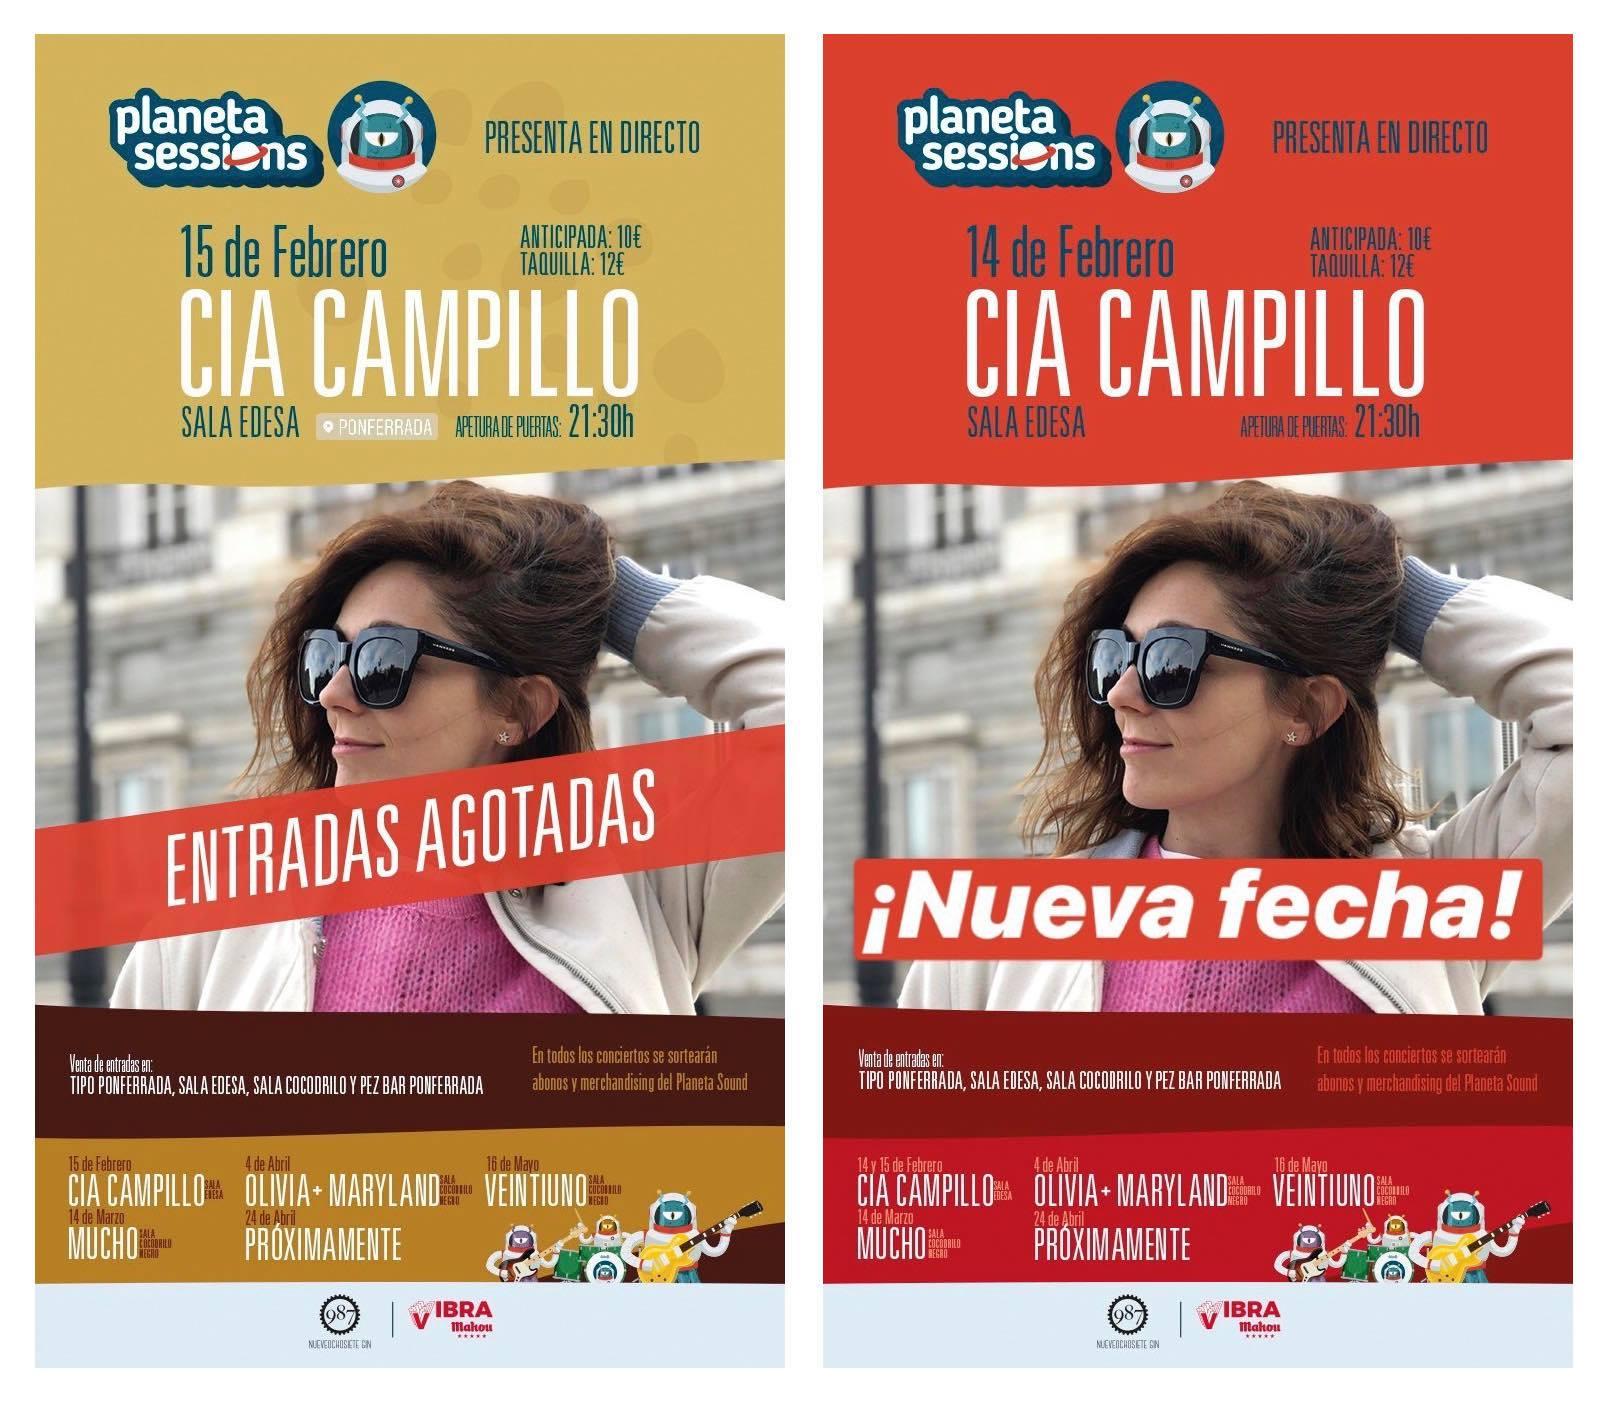 Cia Campillo agota entradas para la presentación de 'El poder azul' y amplía una fecha más 1